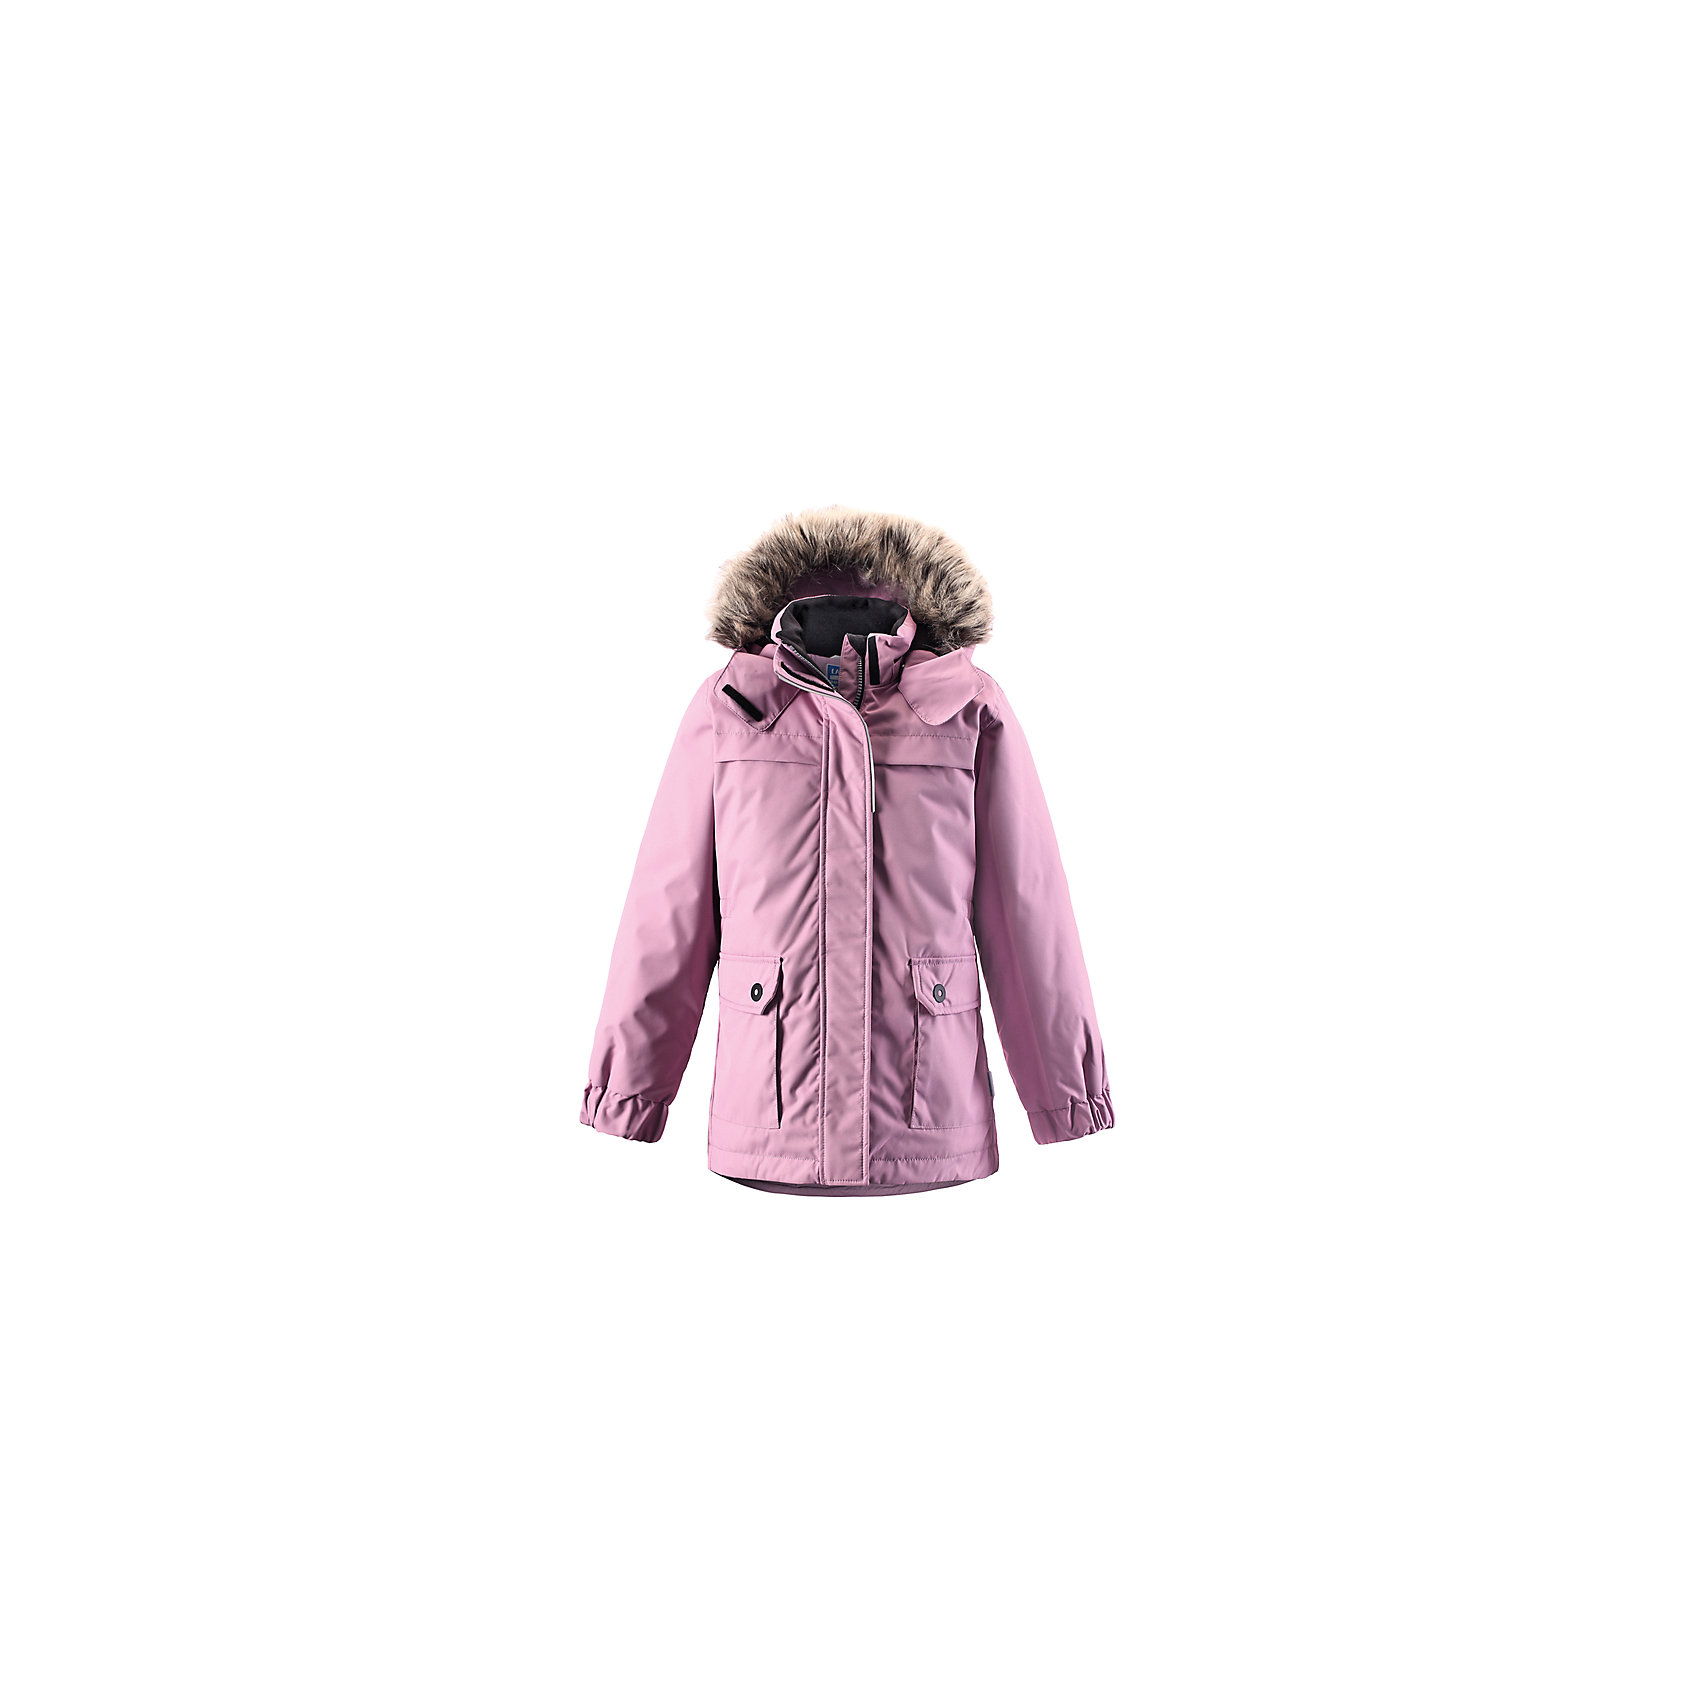 Куртка LASSIE by ReimaЗимняя куртка для детей известной финской марки.<br><br>- Водоотталкивающий, ветронепроницаемый, «дышащий» и грязеотталкивающий материал.<br>- Крой для девочек.<br>- Гладкая подкладка из полиэстра.<br>- Средняя степень утепления<br>-  Безопасный съемный капюшон с отсоединяемой меховой каймой из искусственного меха. <br>- Эластичные манжеты. Регулируемый обхват талии.<br>-  Карманы с клапанами. <br><br> Рекомендации по уходу: Стирать по отдельности, вывернув наизнанку. Перед стиркой отстегните искусственный мех. Застегнуть молнии и липучки. Соблюдать температуру в соответствии с руководством по уходу. Стирать моющим средством, не содержащим отбеливающие вещества. Полоскать без специального средства. Сушение в сушильном шкафу разрешено при  низкой температуре.<br><br>Состав: 100% Полиамид, полиуретановое покрытие.  Утеплитель «Lassie wadding» 180гр.<br><br>Ширина мм: 356<br>Глубина мм: 10<br>Высота мм: 245<br>Вес г: 519<br>Цвет: розовый<br>Возраст от месяцев: 18<br>Возраст до месяцев: 24<br>Пол: Женский<br>Возраст: Детский<br>Размер: 92,116,140,134,128,122,110,104,98<br>SKU: 4782338